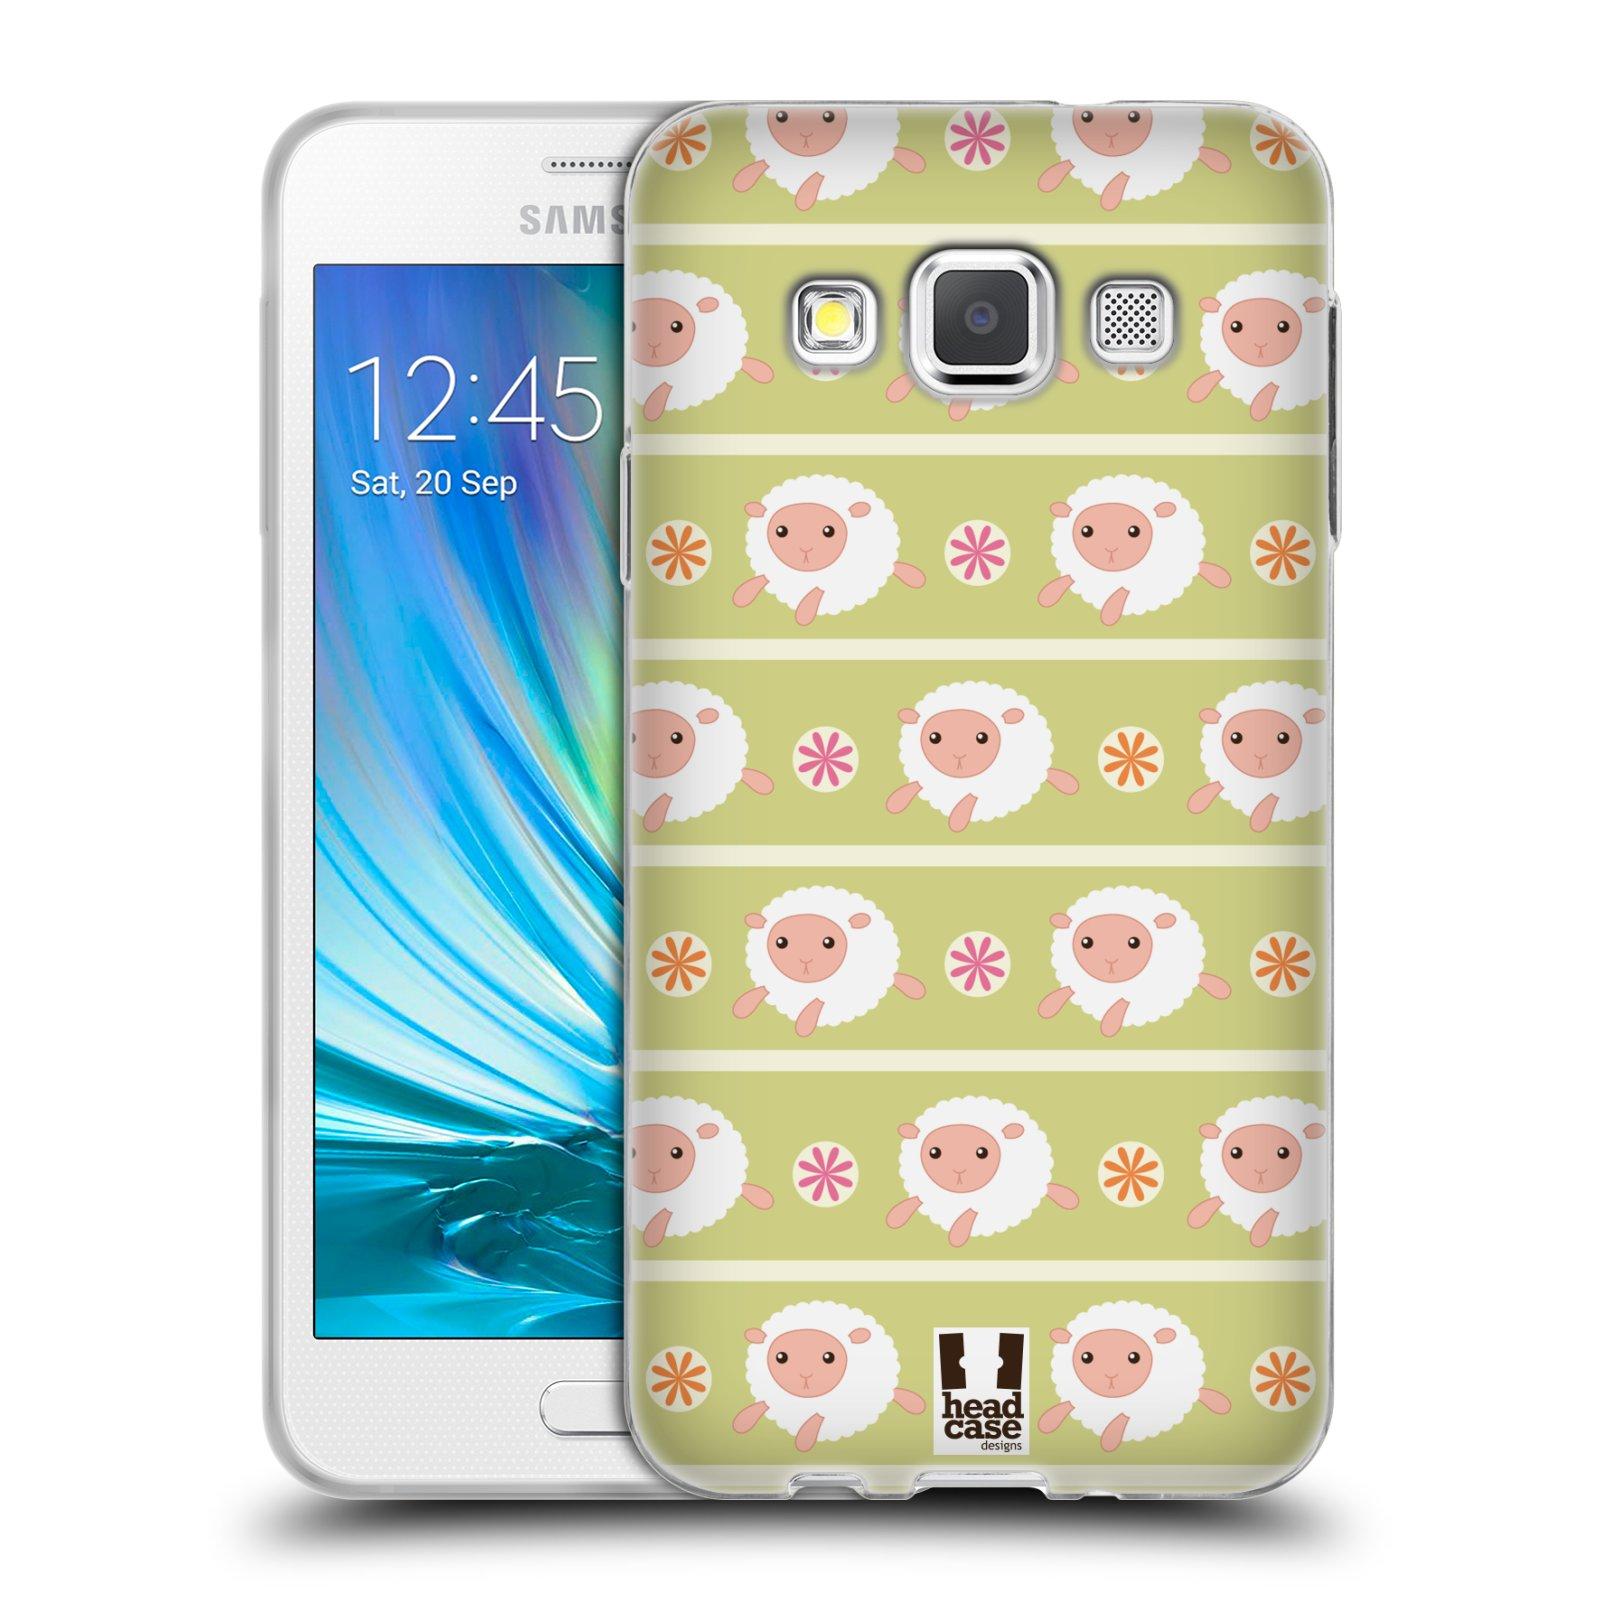 HEAD CASE silikonový obal na mobil Samsung Galaxy A3 vzor roztomilé zvířecí vzory ovečky